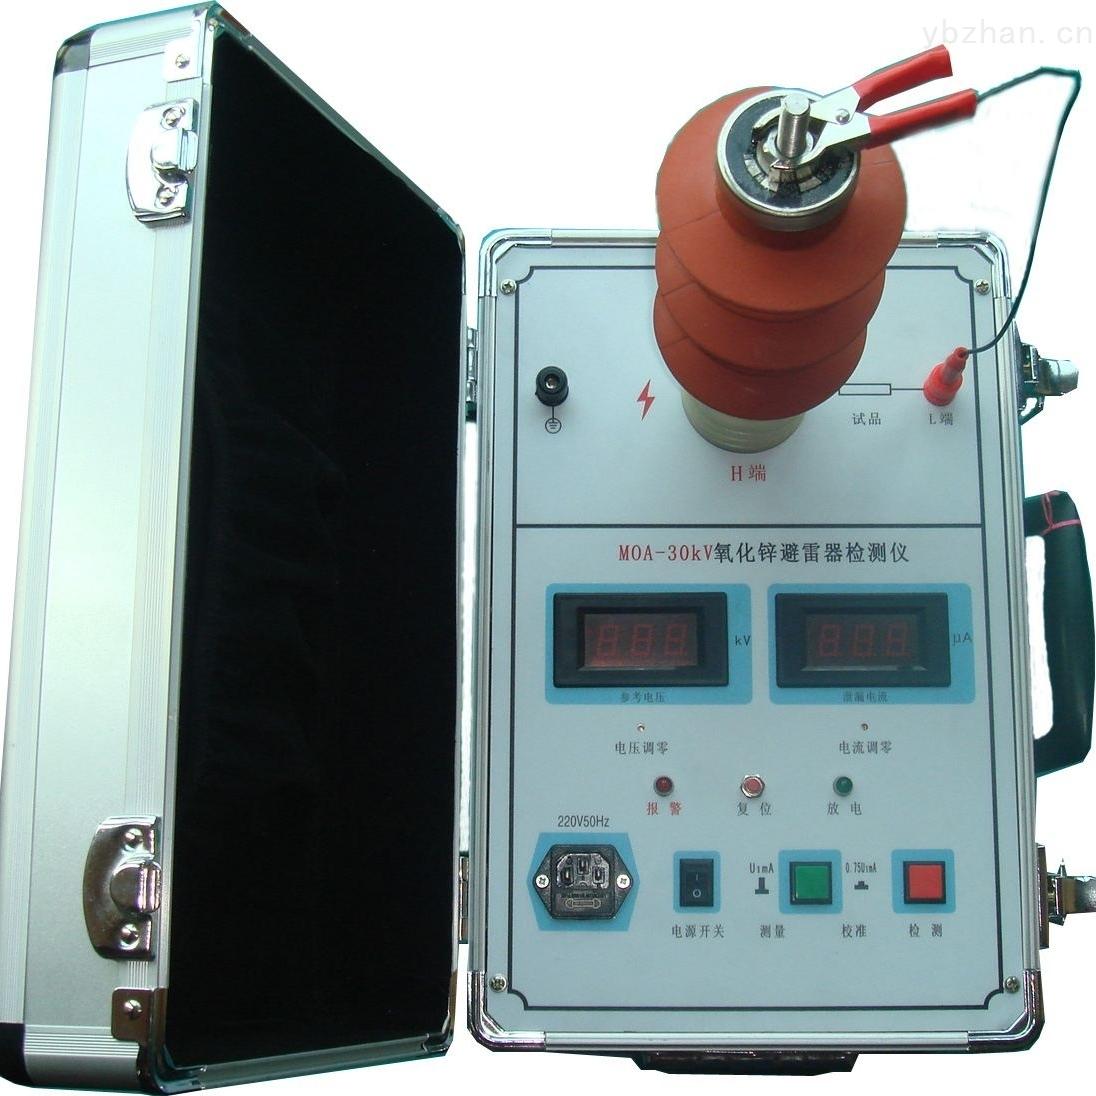 扬州承装设备三相氧化锌避雷器测试仪定制